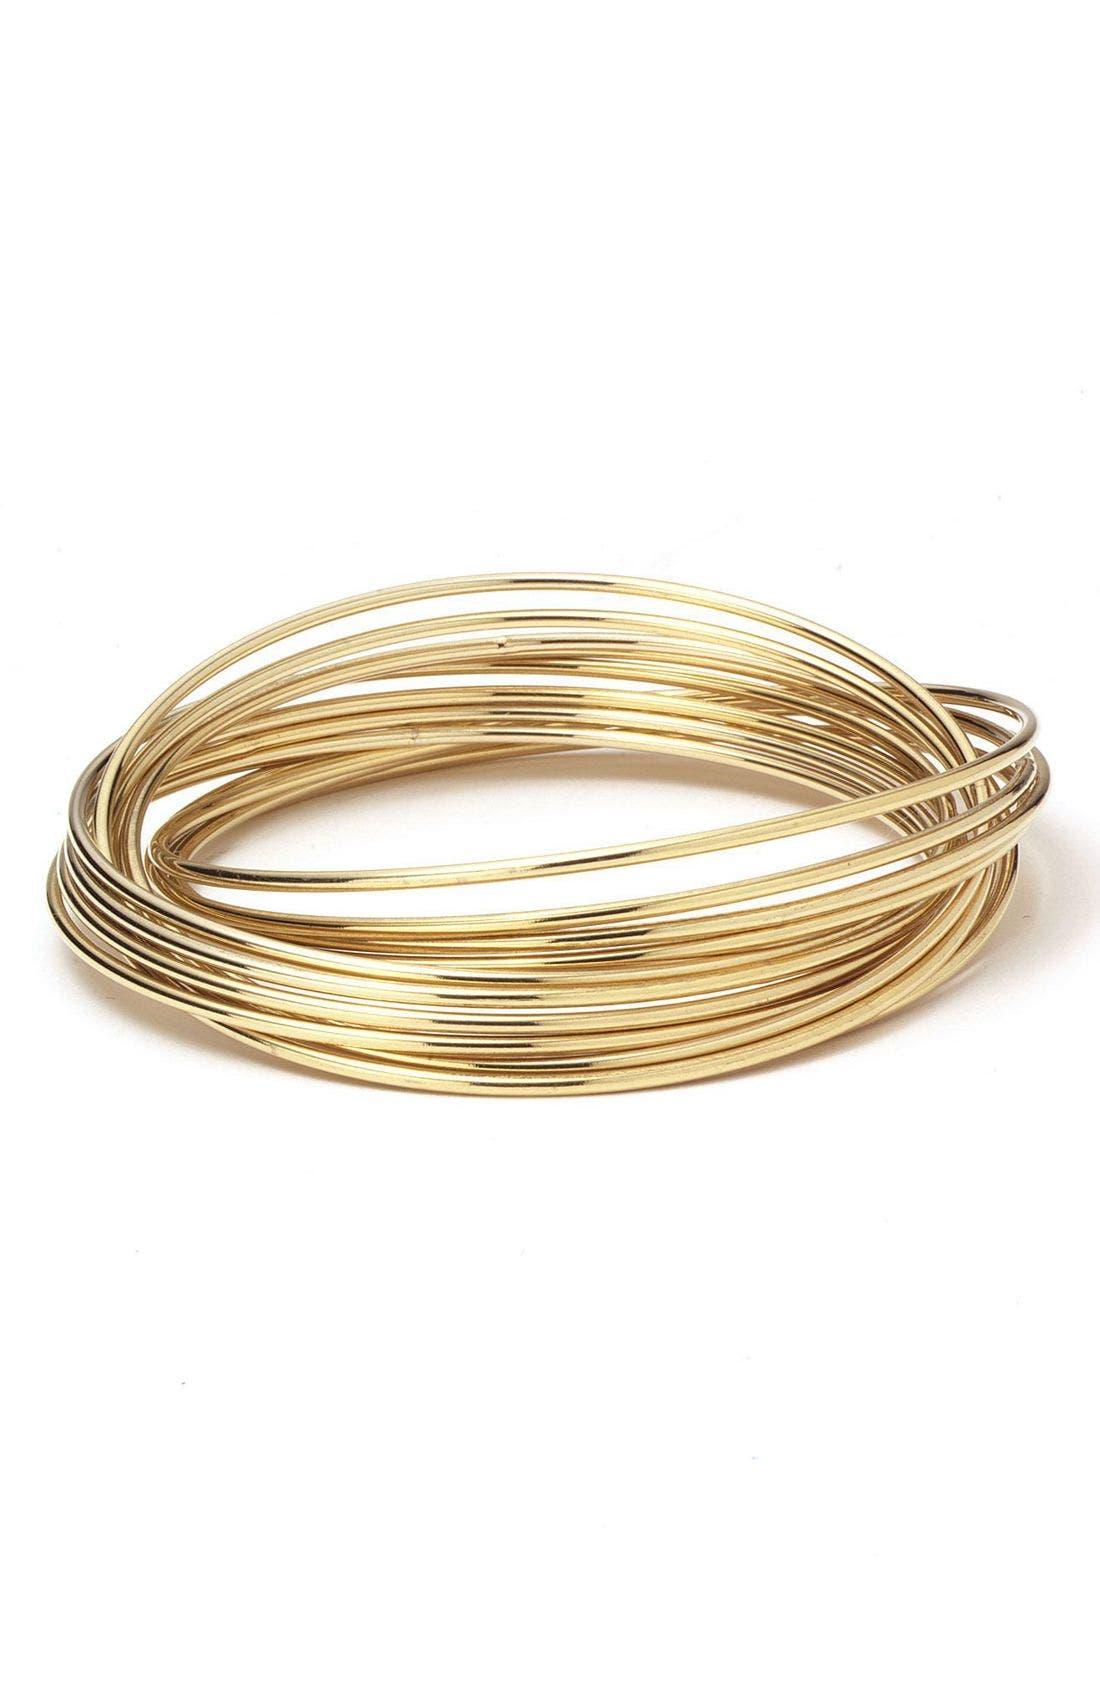 Alternate Image 1 Selected - Nordstrom Rolling Bangle Bracelets